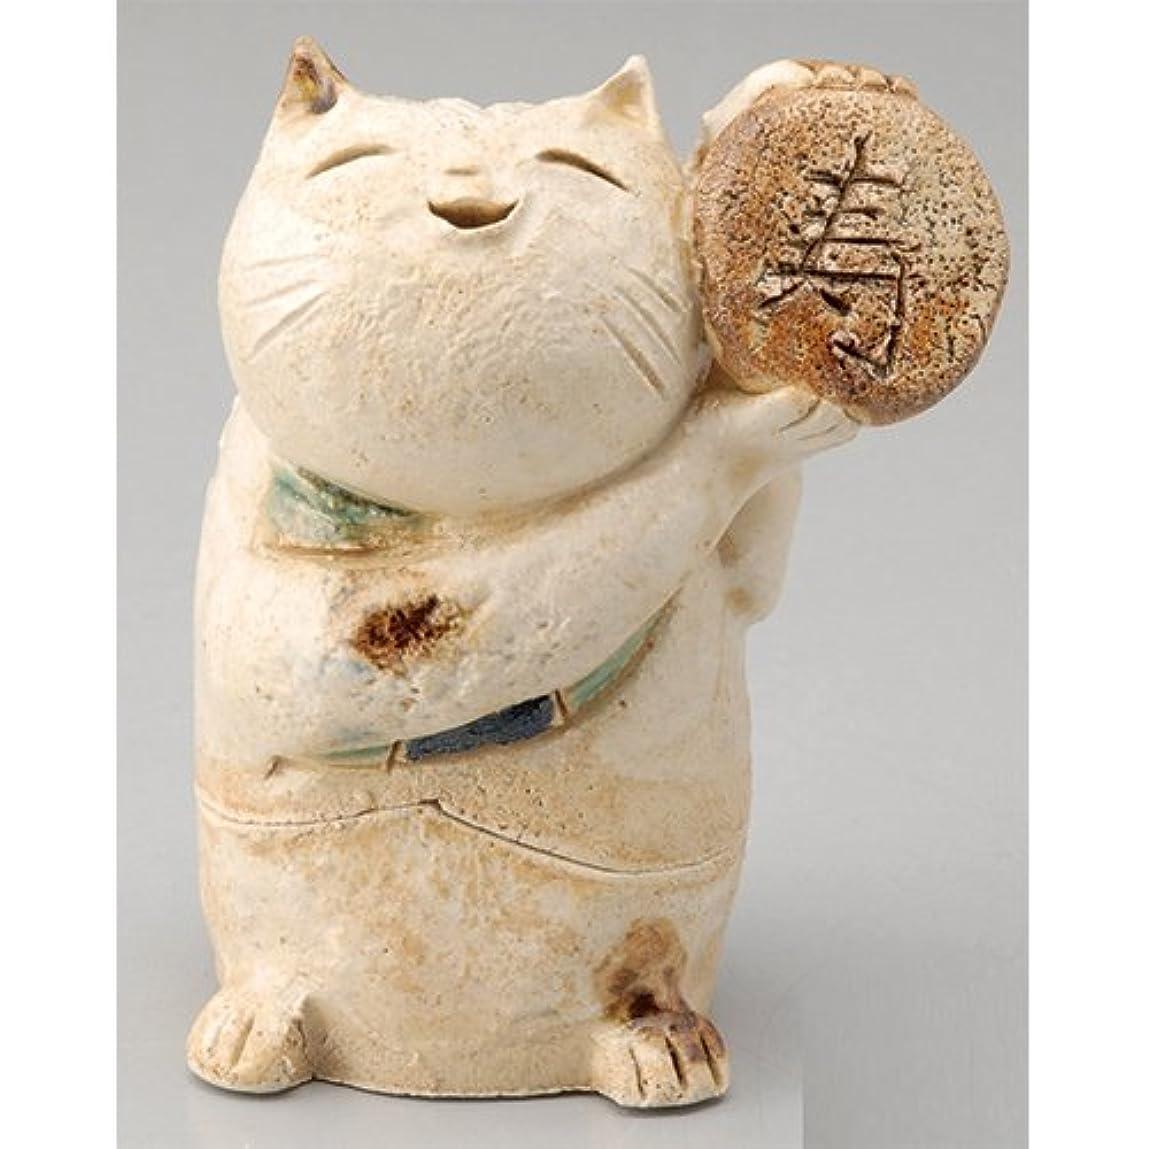 死コーヒー適用済み香炉 ごえん猫 香炉(寿) [H8cm] HANDMADE プレゼント ギフト 和食器 かわいい インテリア